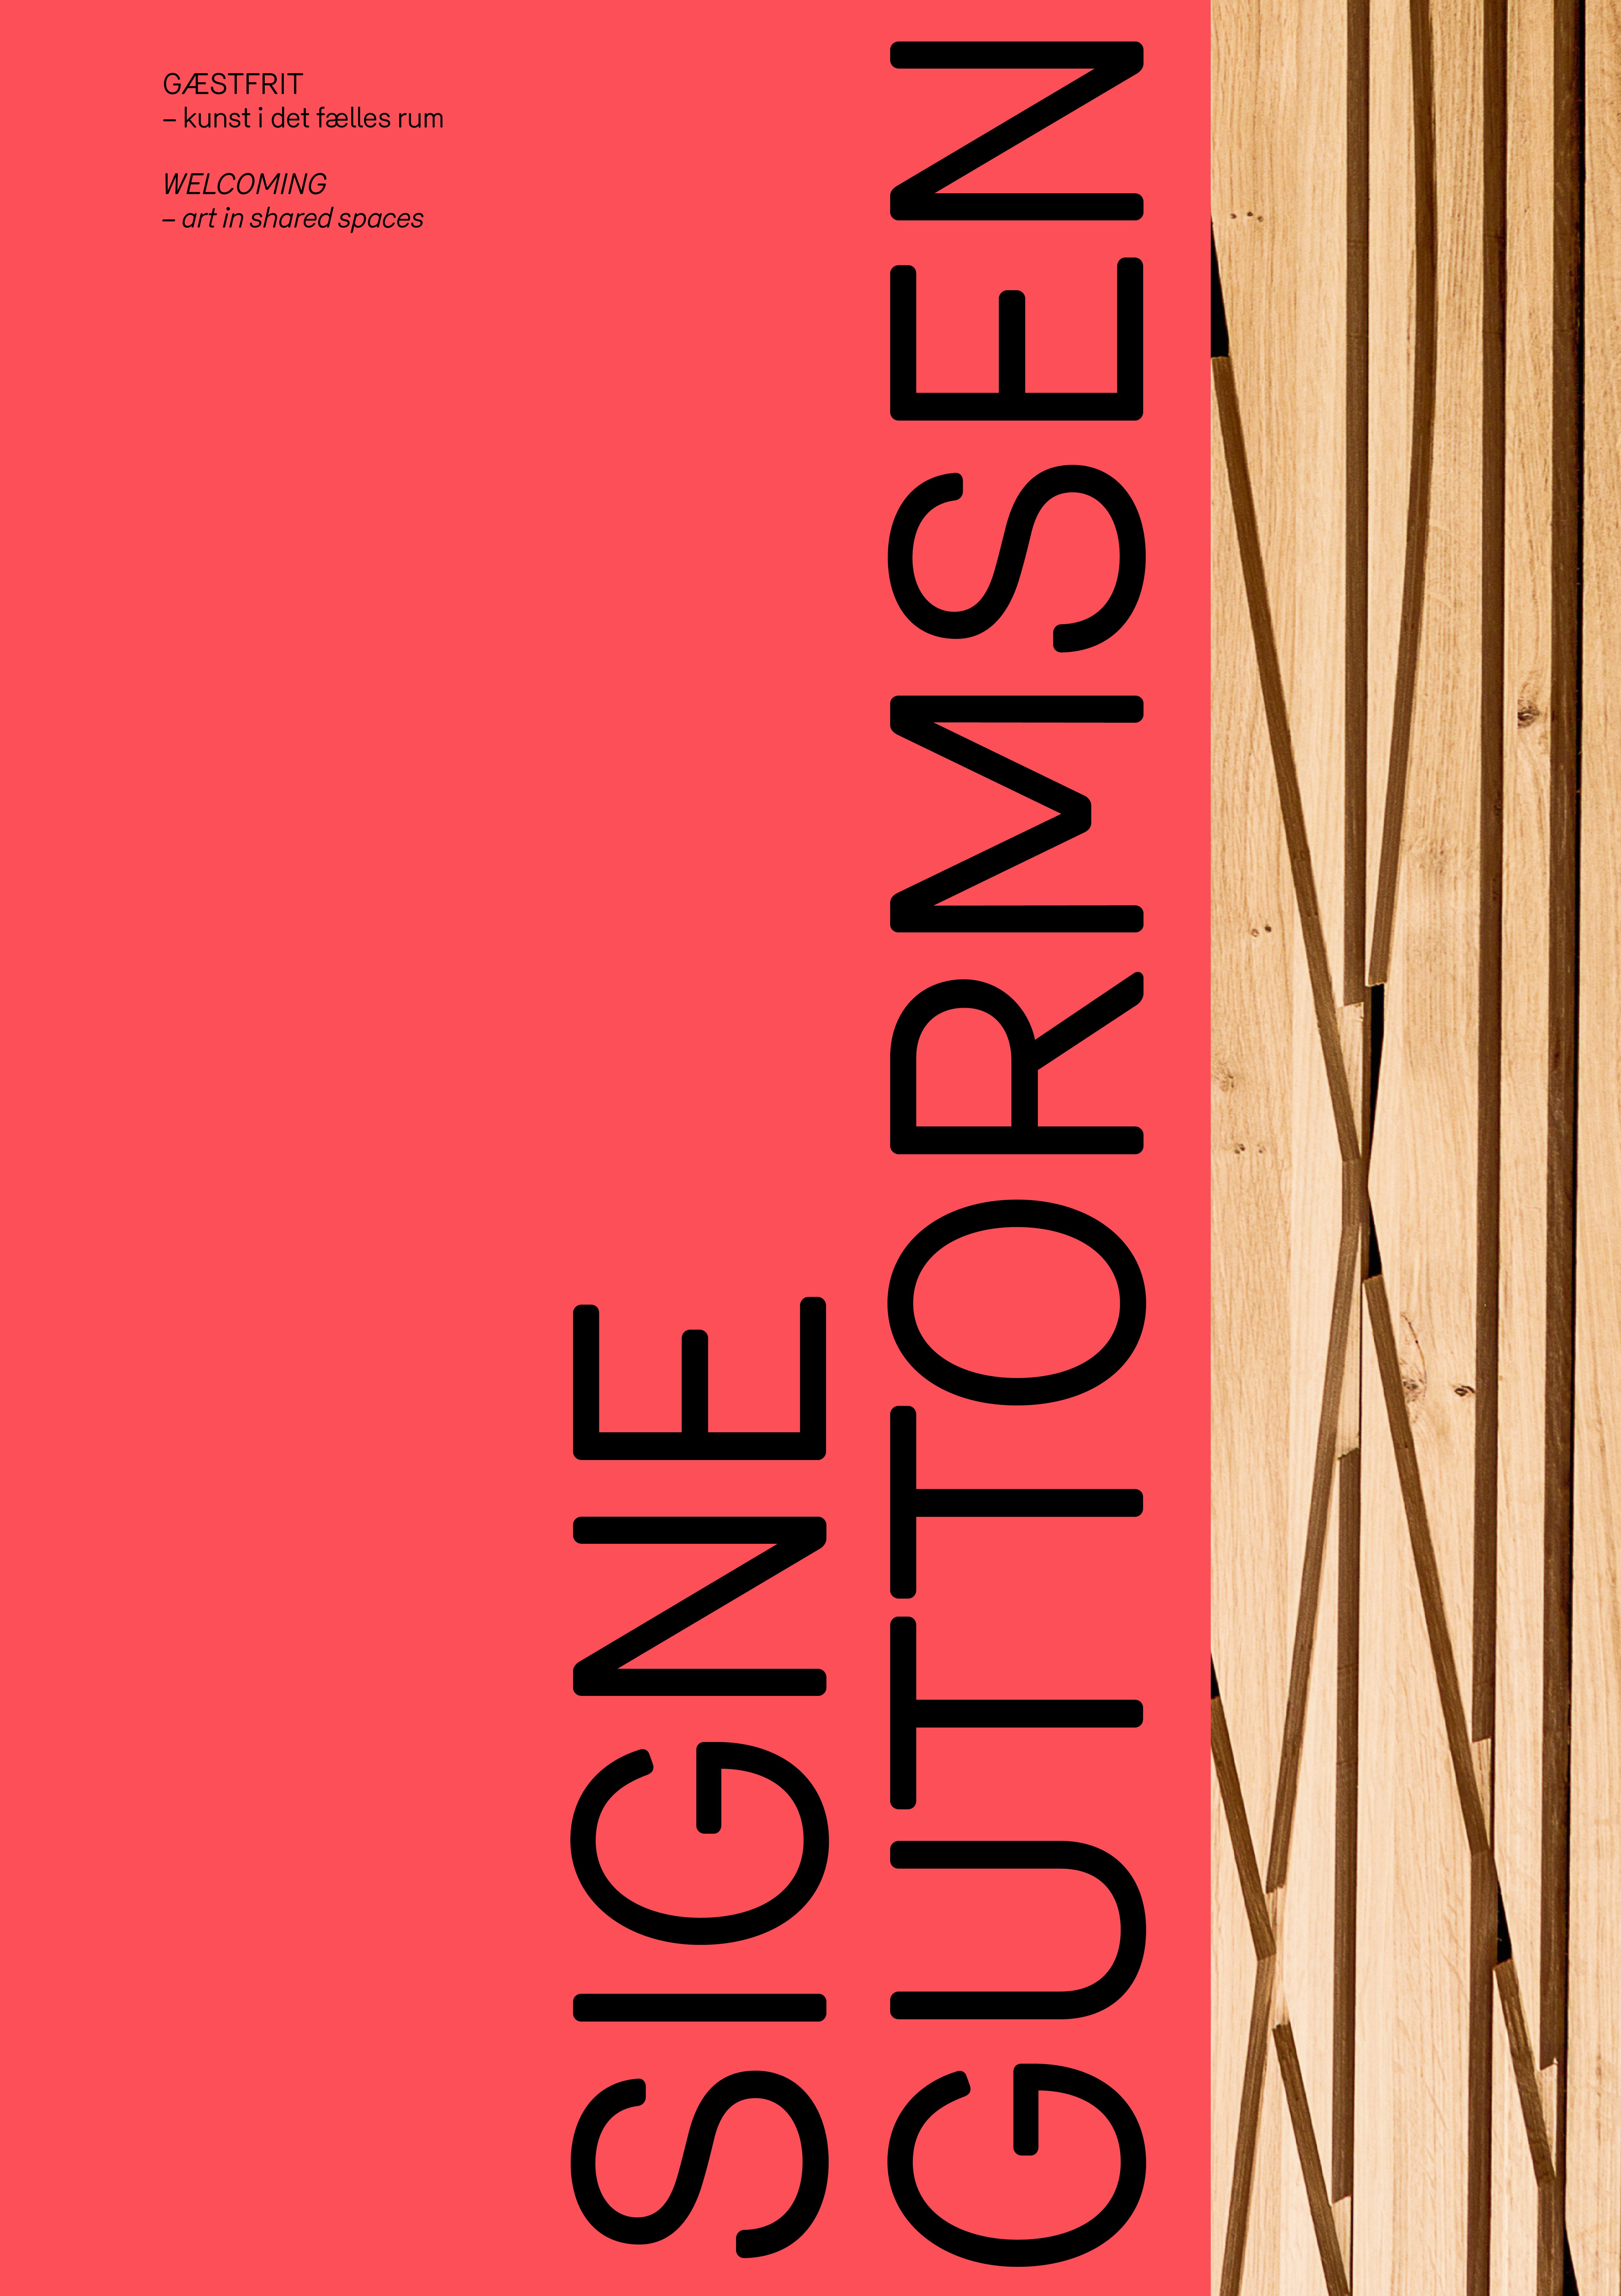 Signe Guttormsen, Gæstfrit, monografi